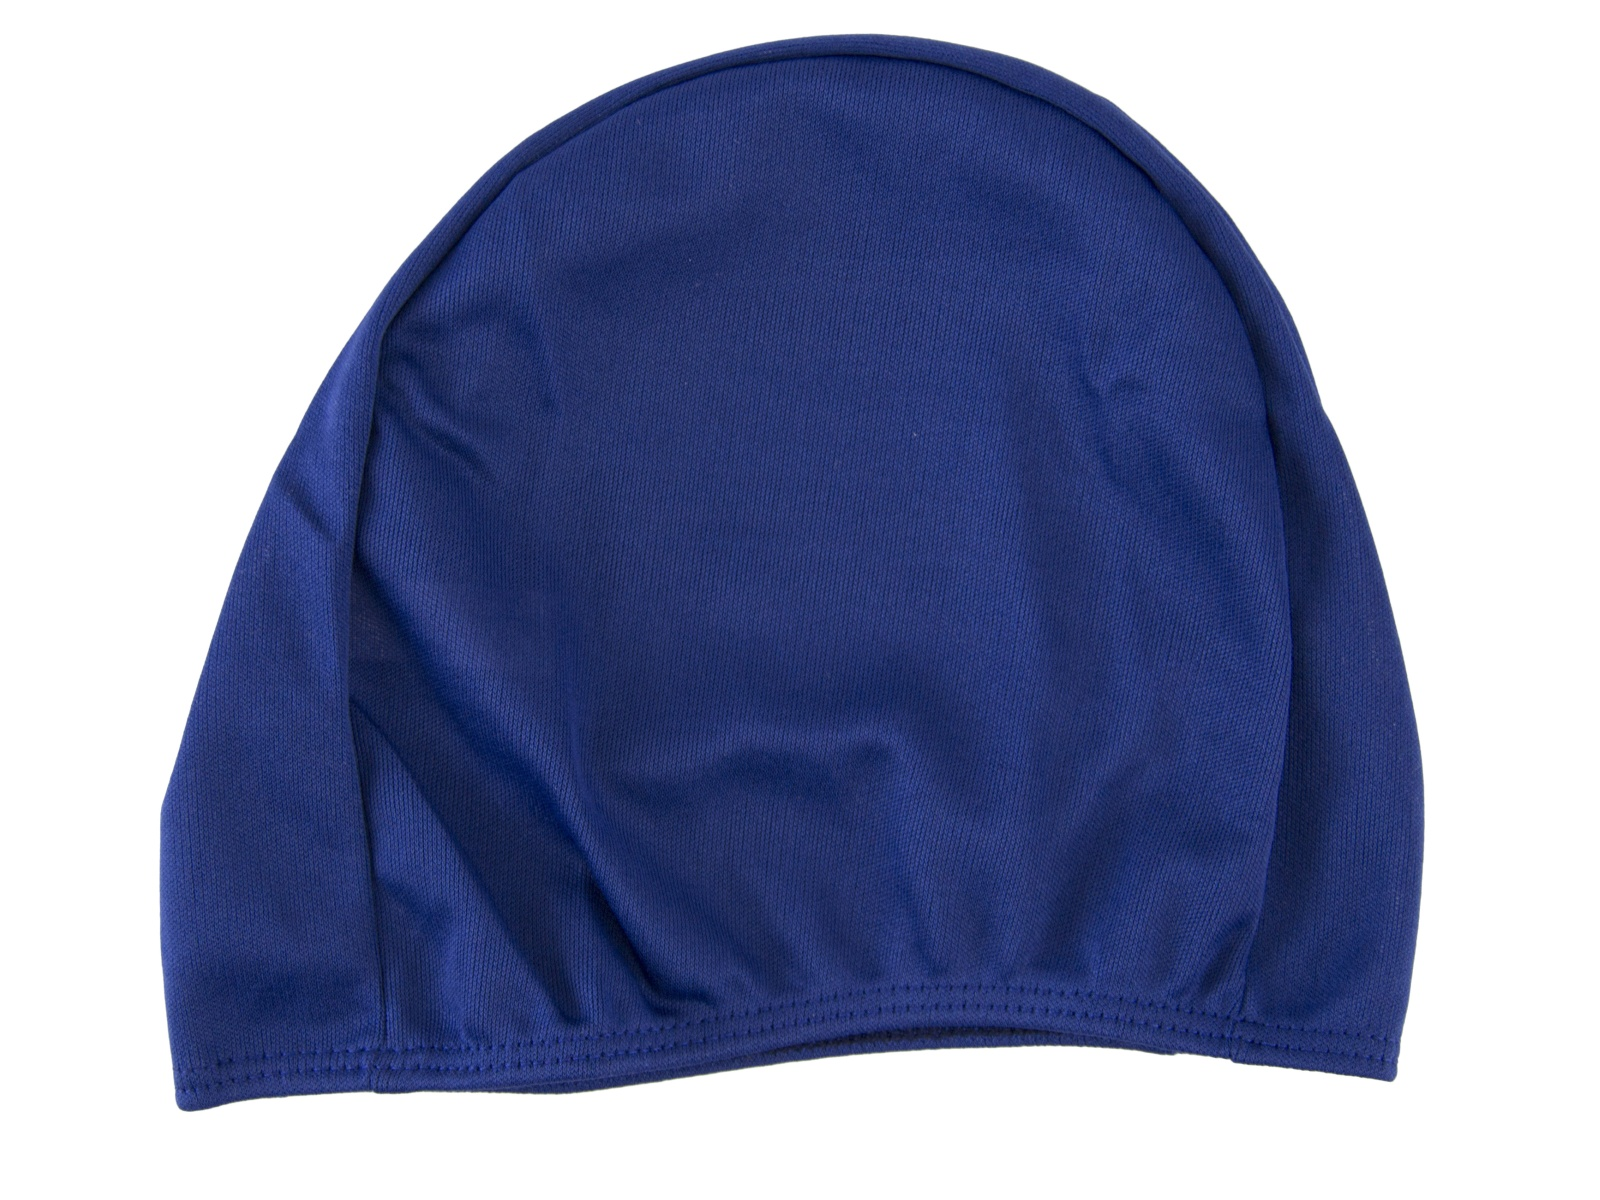 Koupací čepice Polyester 1901 junior - tmavě modrá